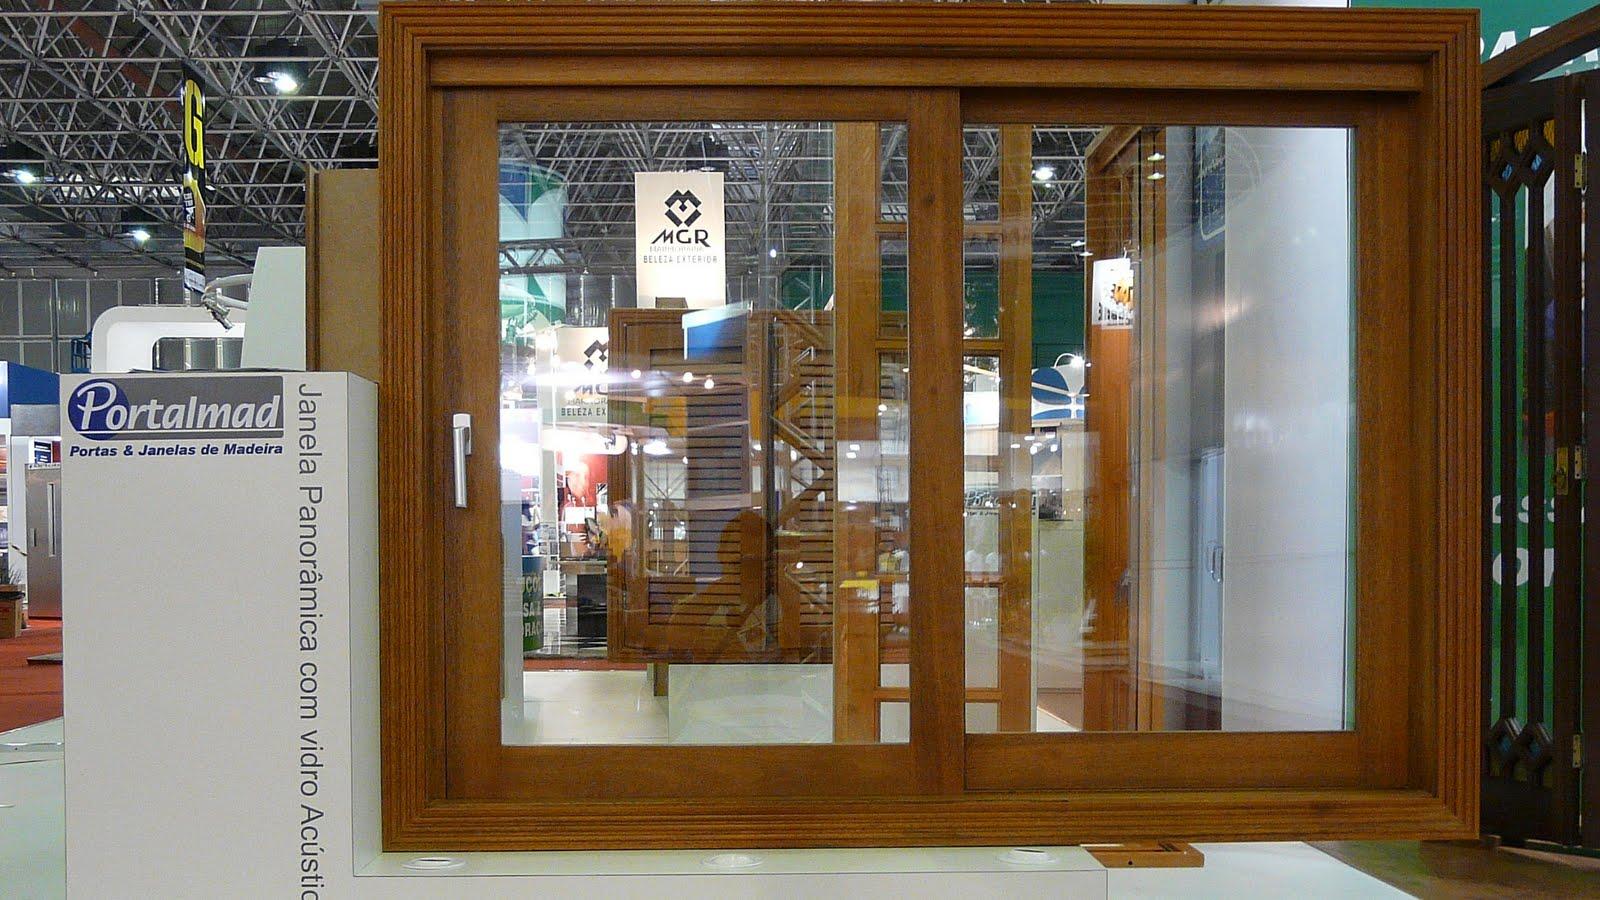 #663C14 Portas e Janelas soluções completas em esquadrias de madeira  1192 Portas E Janelas De Madeira Em Osasco